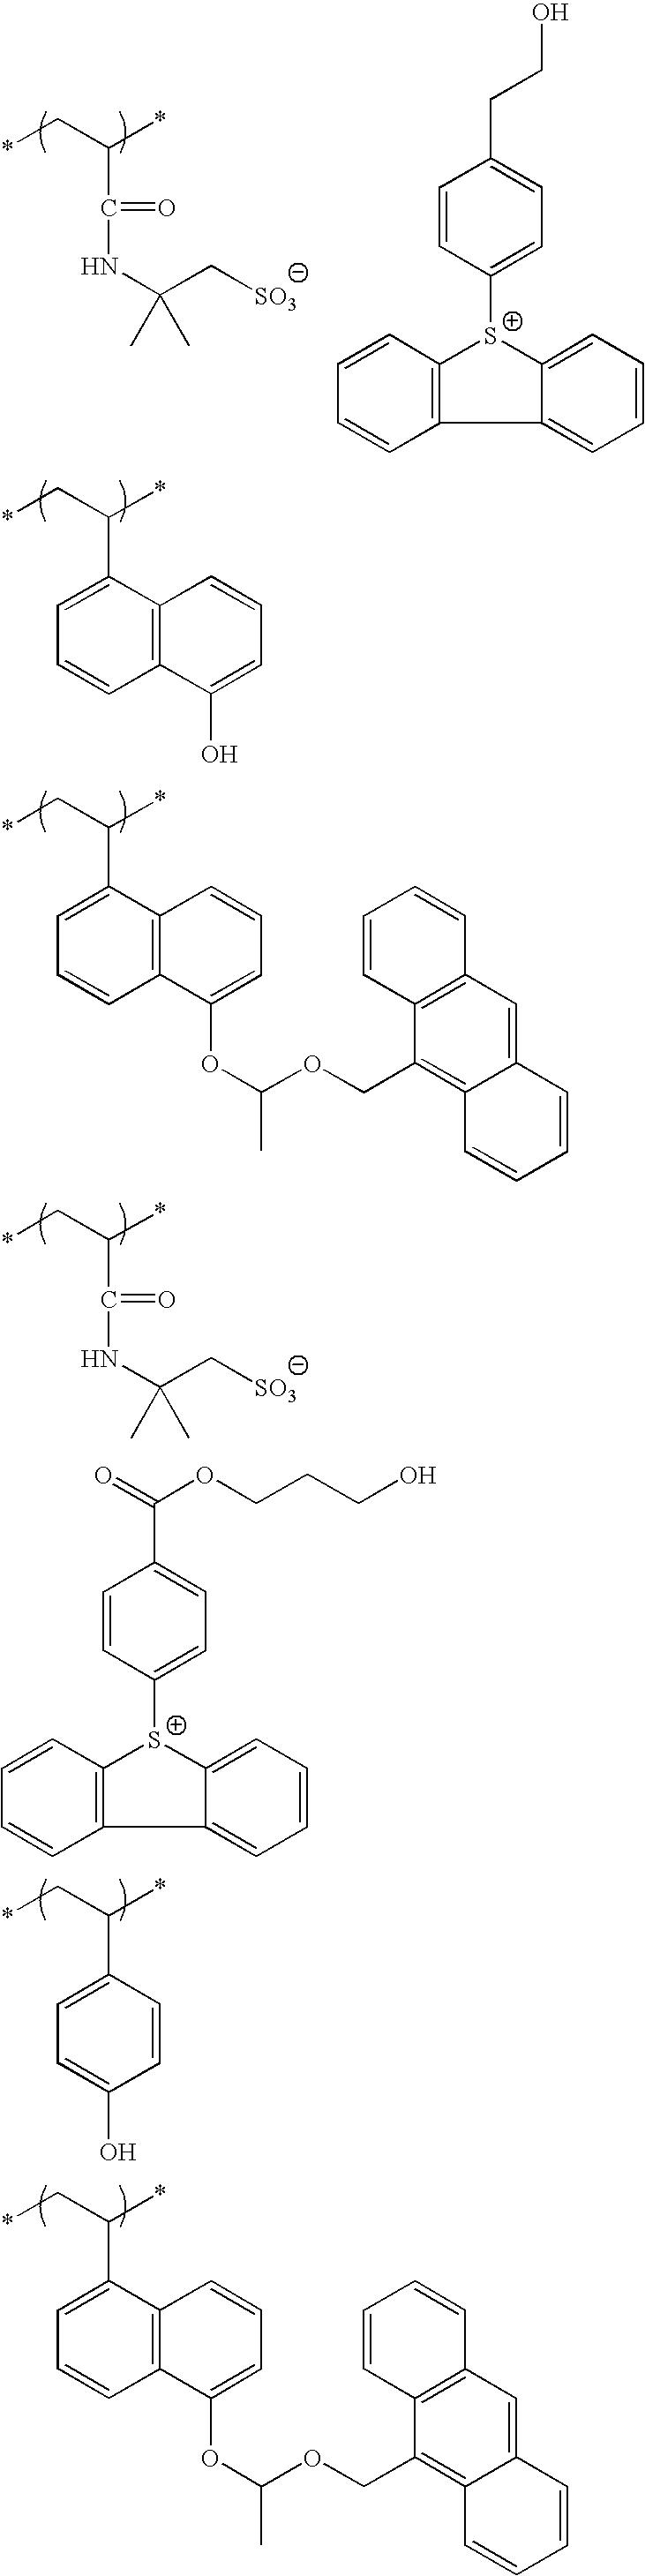 Figure US08852845-20141007-C00190